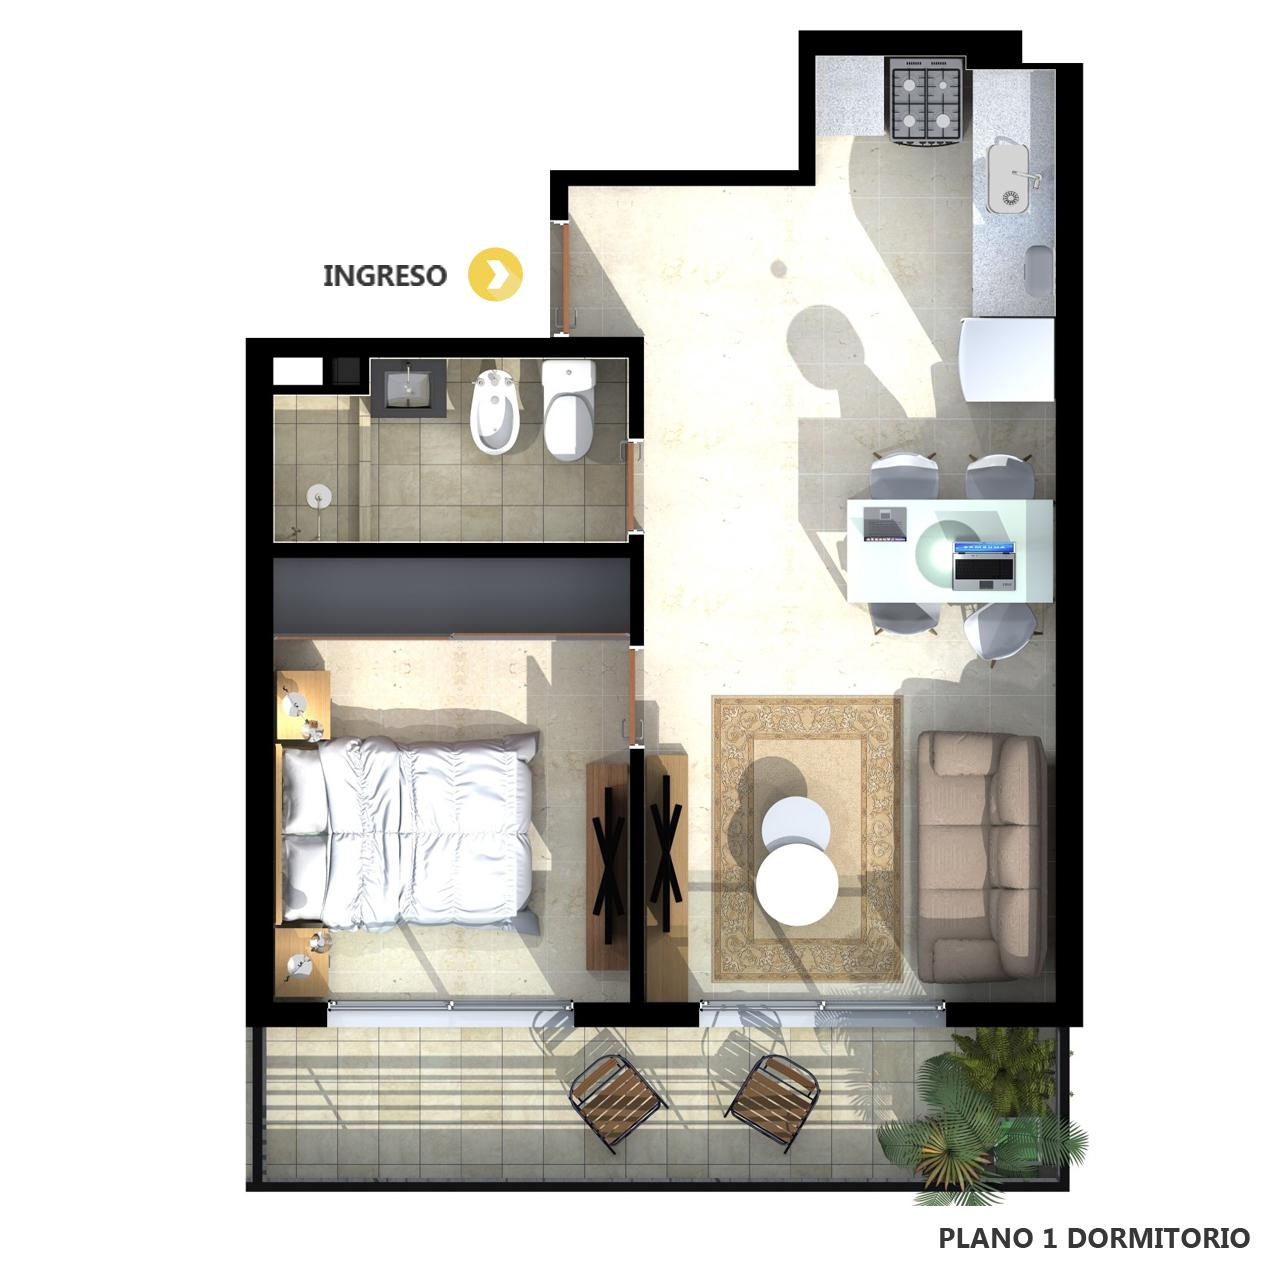 Venta departamento 1 dormitorio Rosario, Parque España. Cod CBU21847 AP2199390. Crestale Propiedades